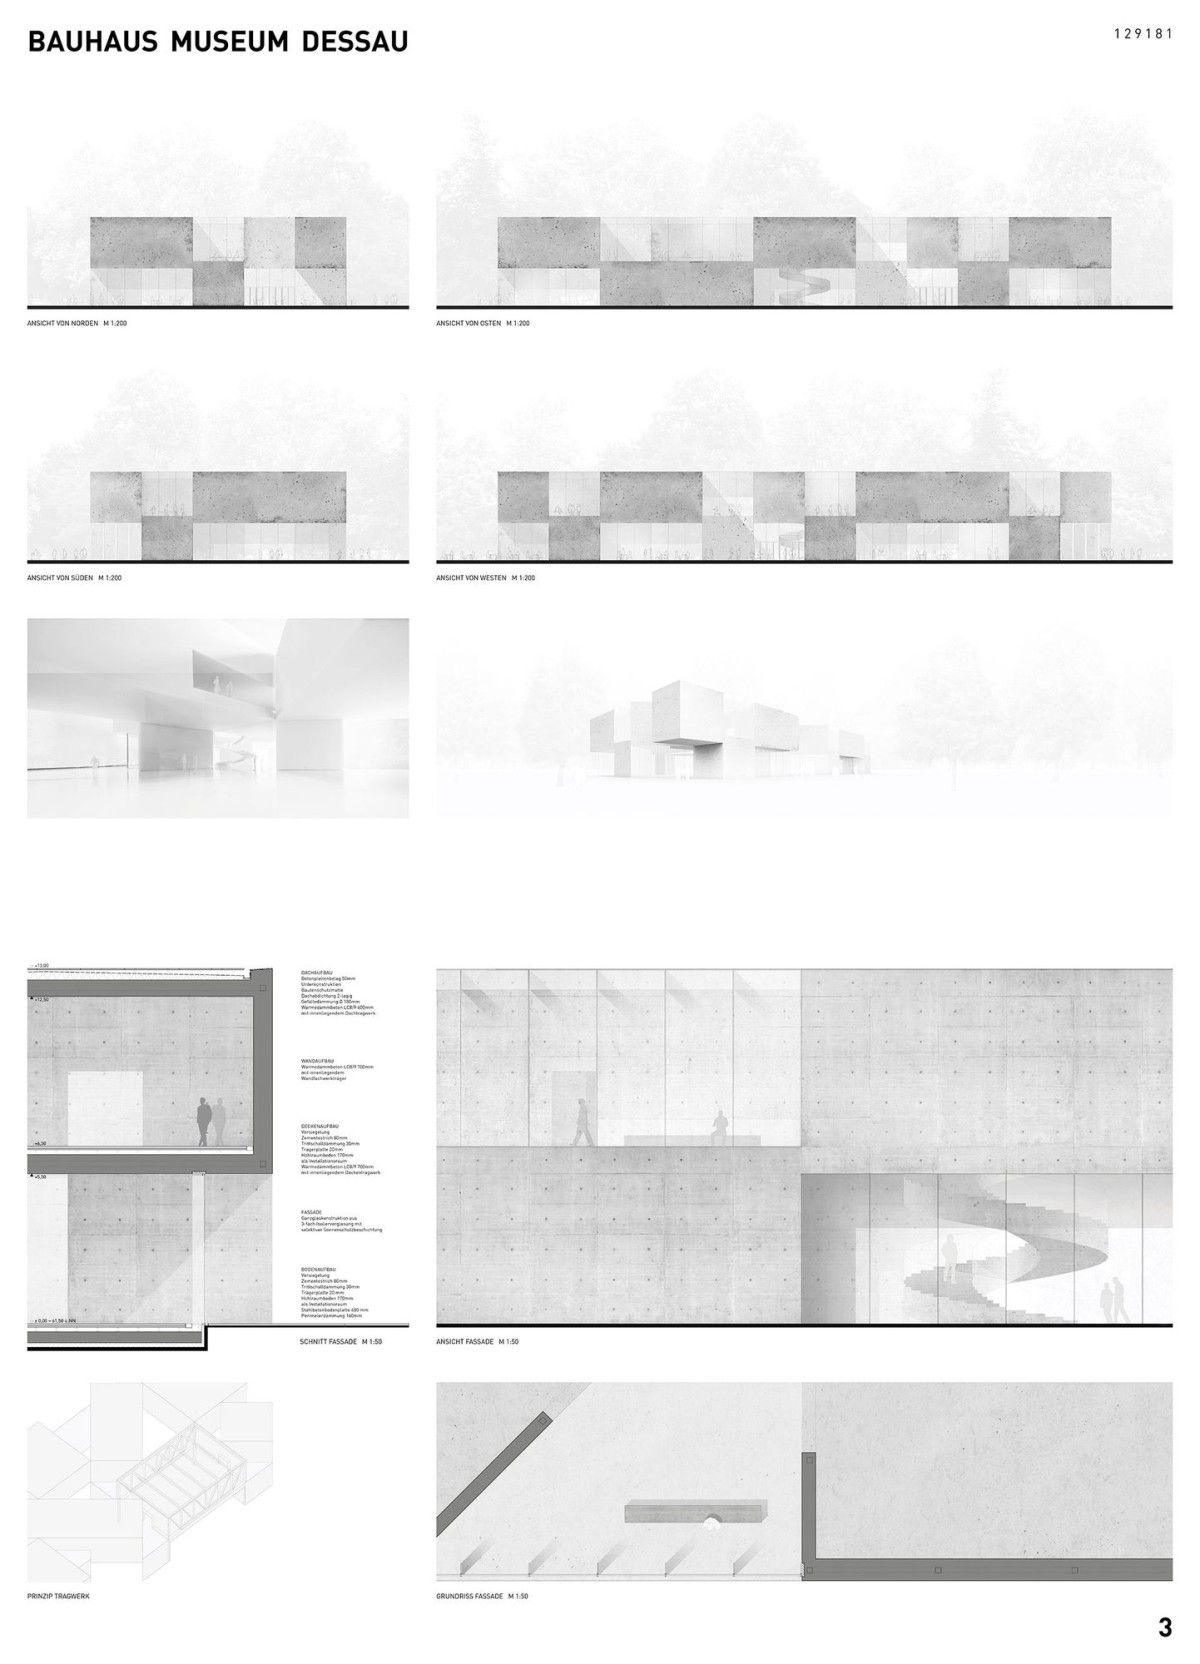 Architekten Bauhaus hess talhof kusmierz architekten bauhaus museum dessau 19 07